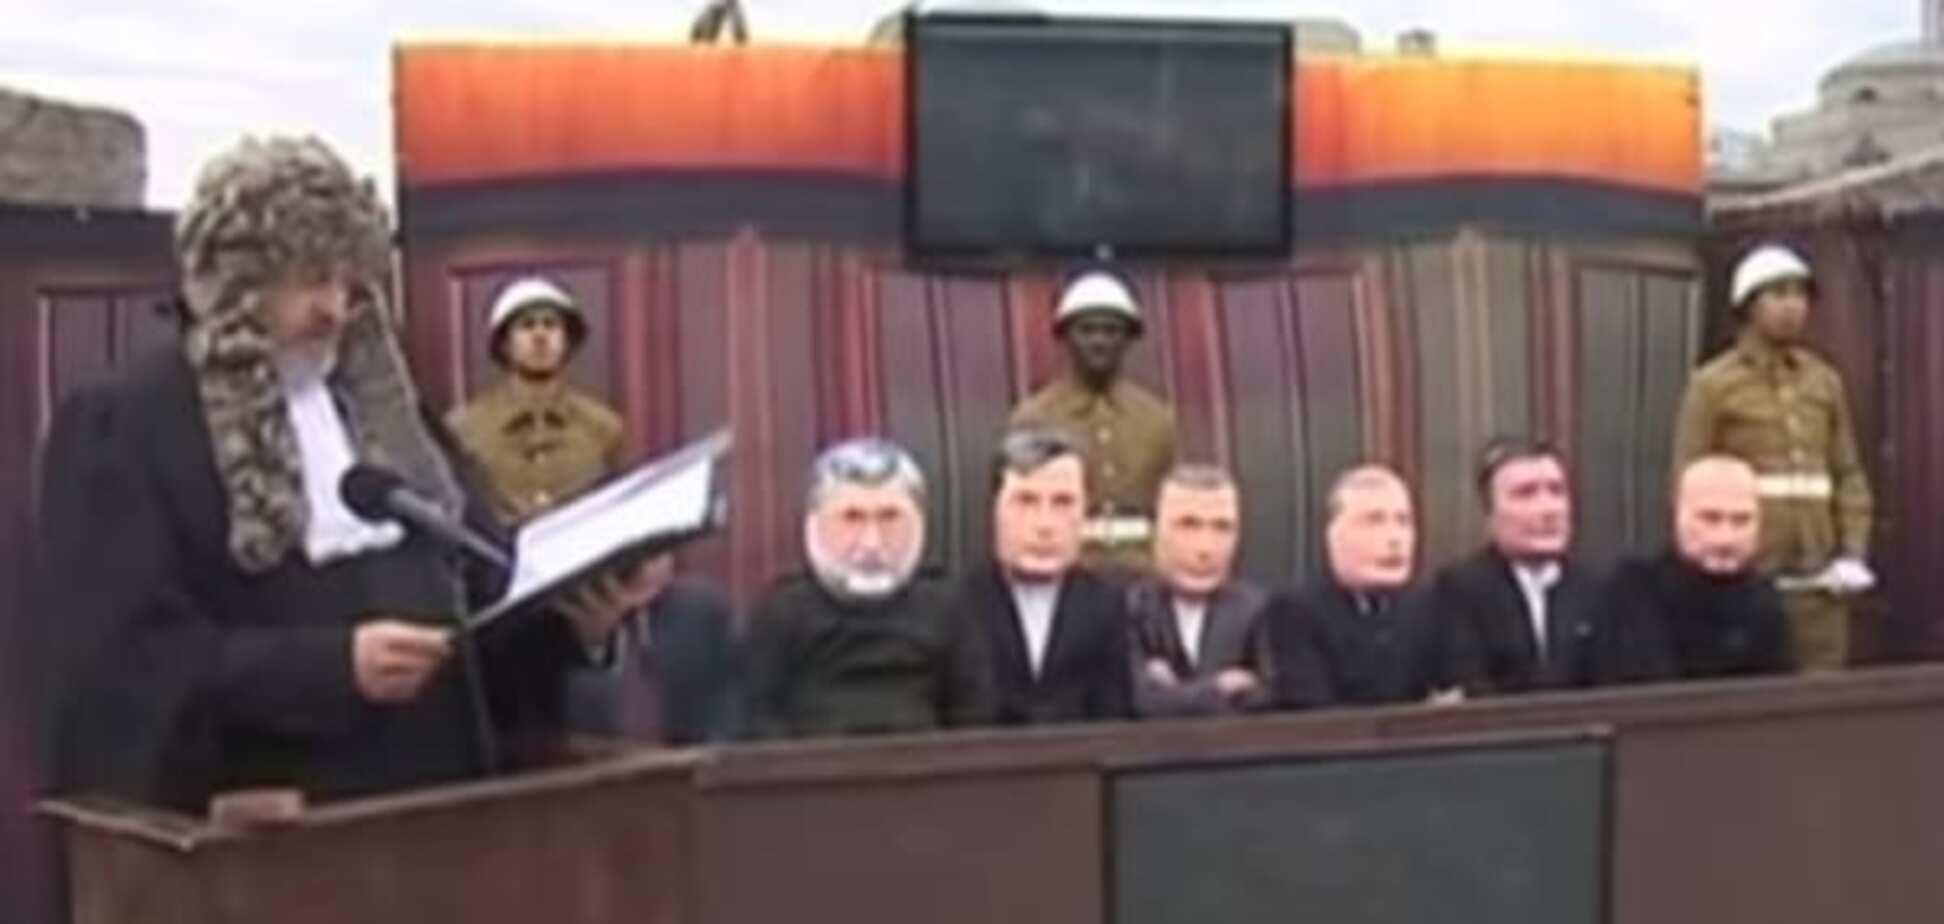 В Москве устроили 'суд' над Ярошем, Саакашвили и Коломойским: опубликованы фото и видео